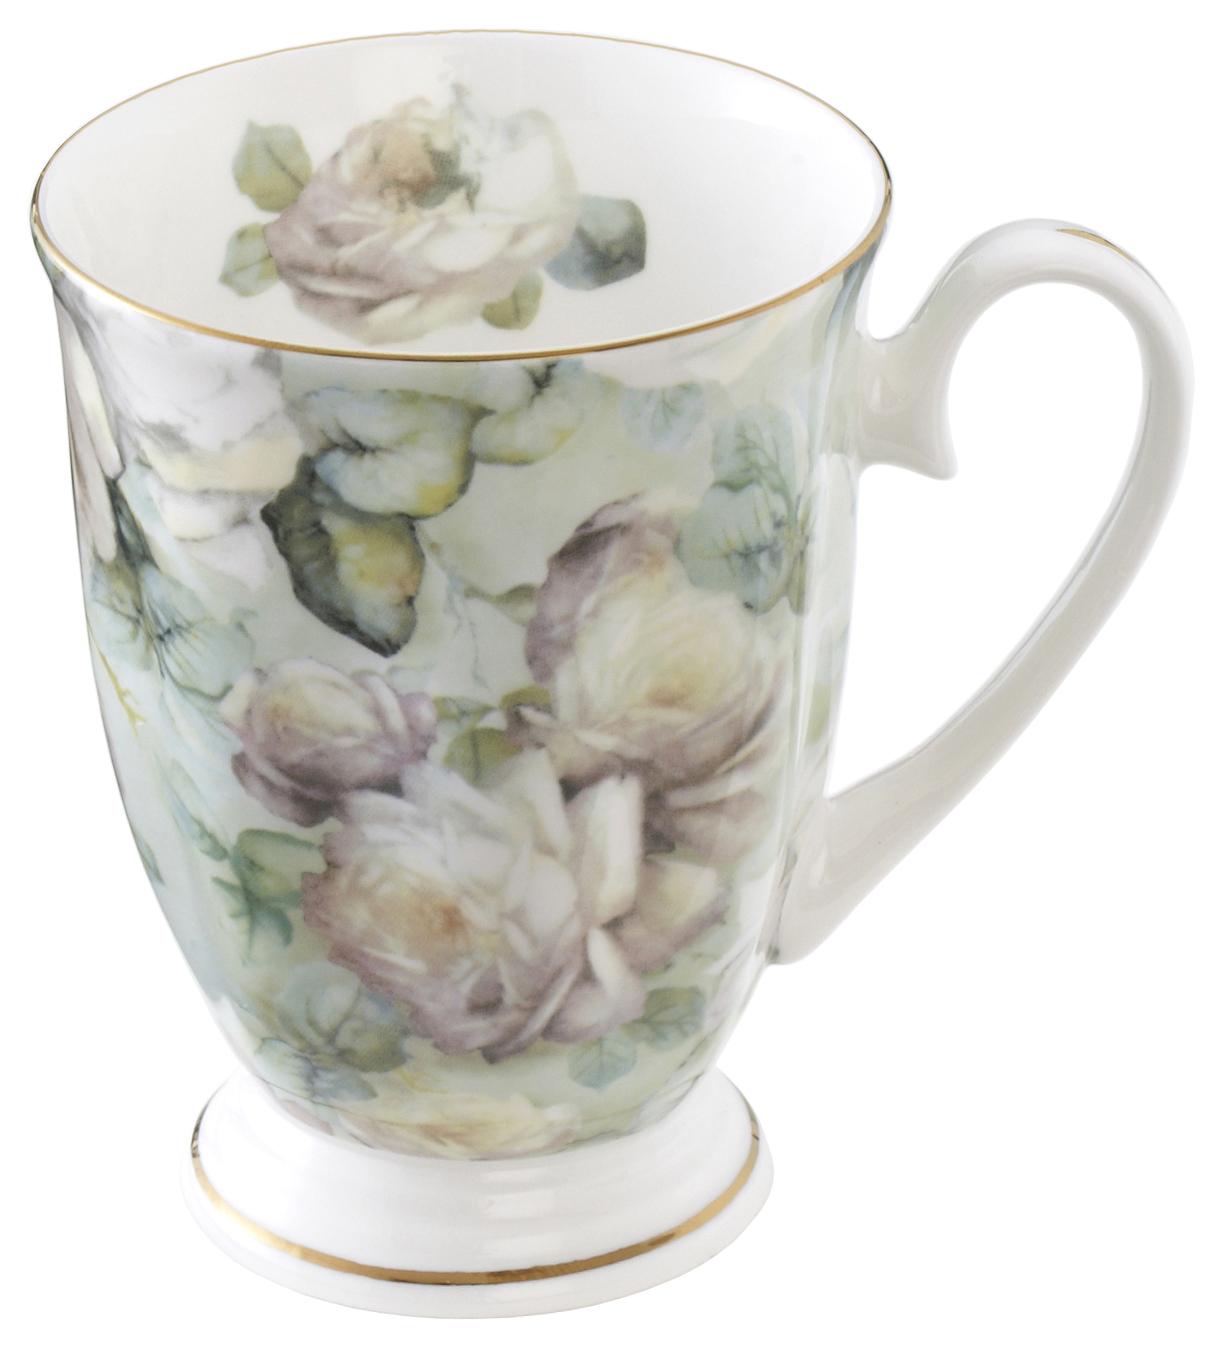 【ロイヤルアーデン】 ボーンチャイナマグカップ <br>No.37589